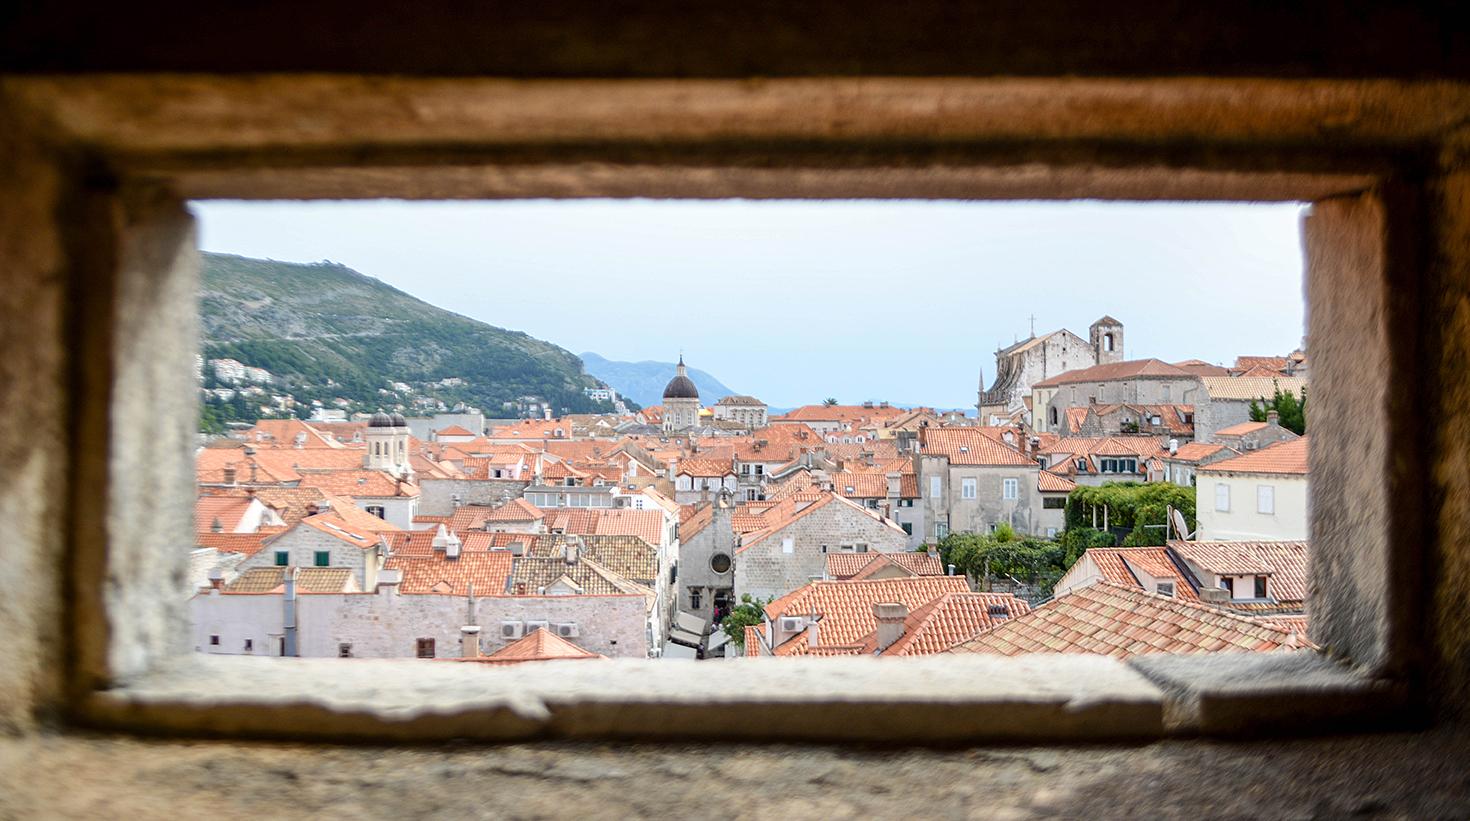 PÅ MURENE: Oppe På Bymurene Kan Man Få Et Lite Innblikk I Hverdagslivet Nedenfor.